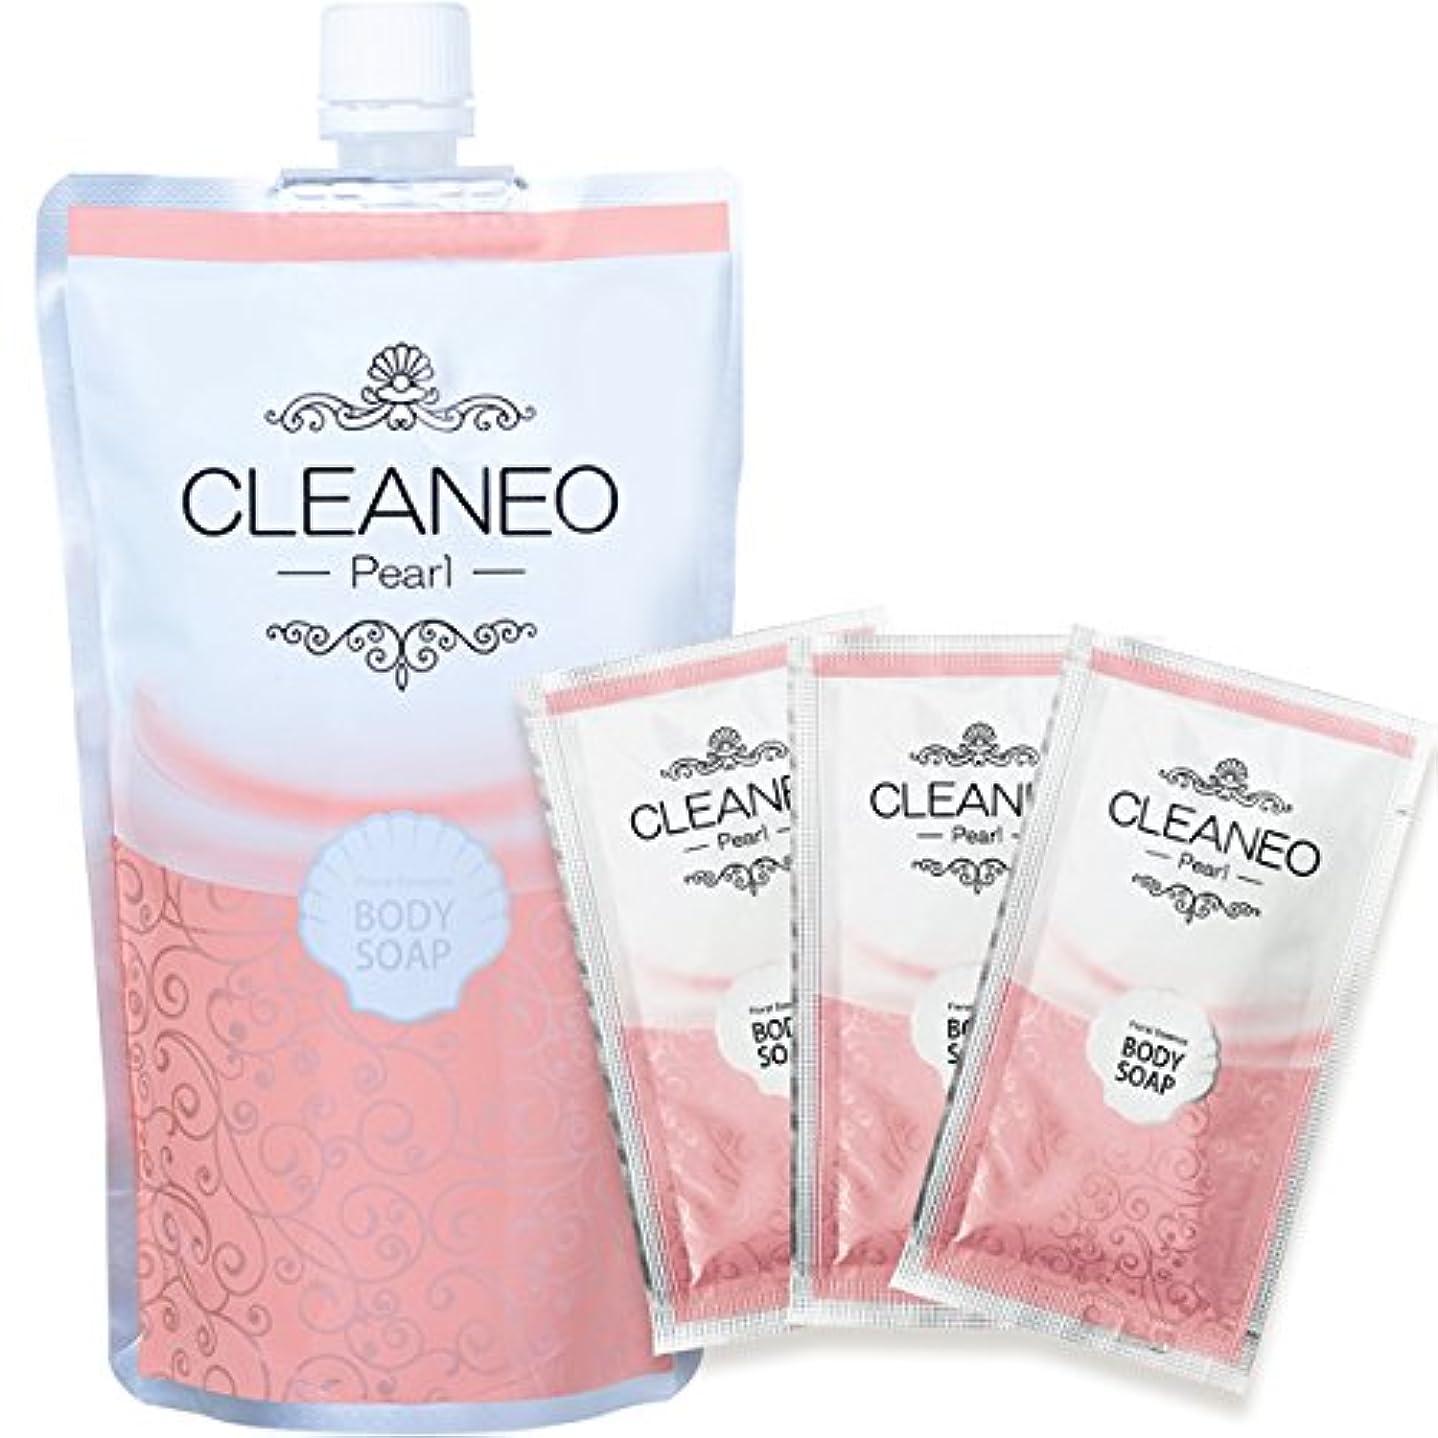 休み動ガラスクリアネオ公式(CLEANEO) パール オーガニックボディソープ?透明感のある美肌へ 詰替300ml + パールパウチセット